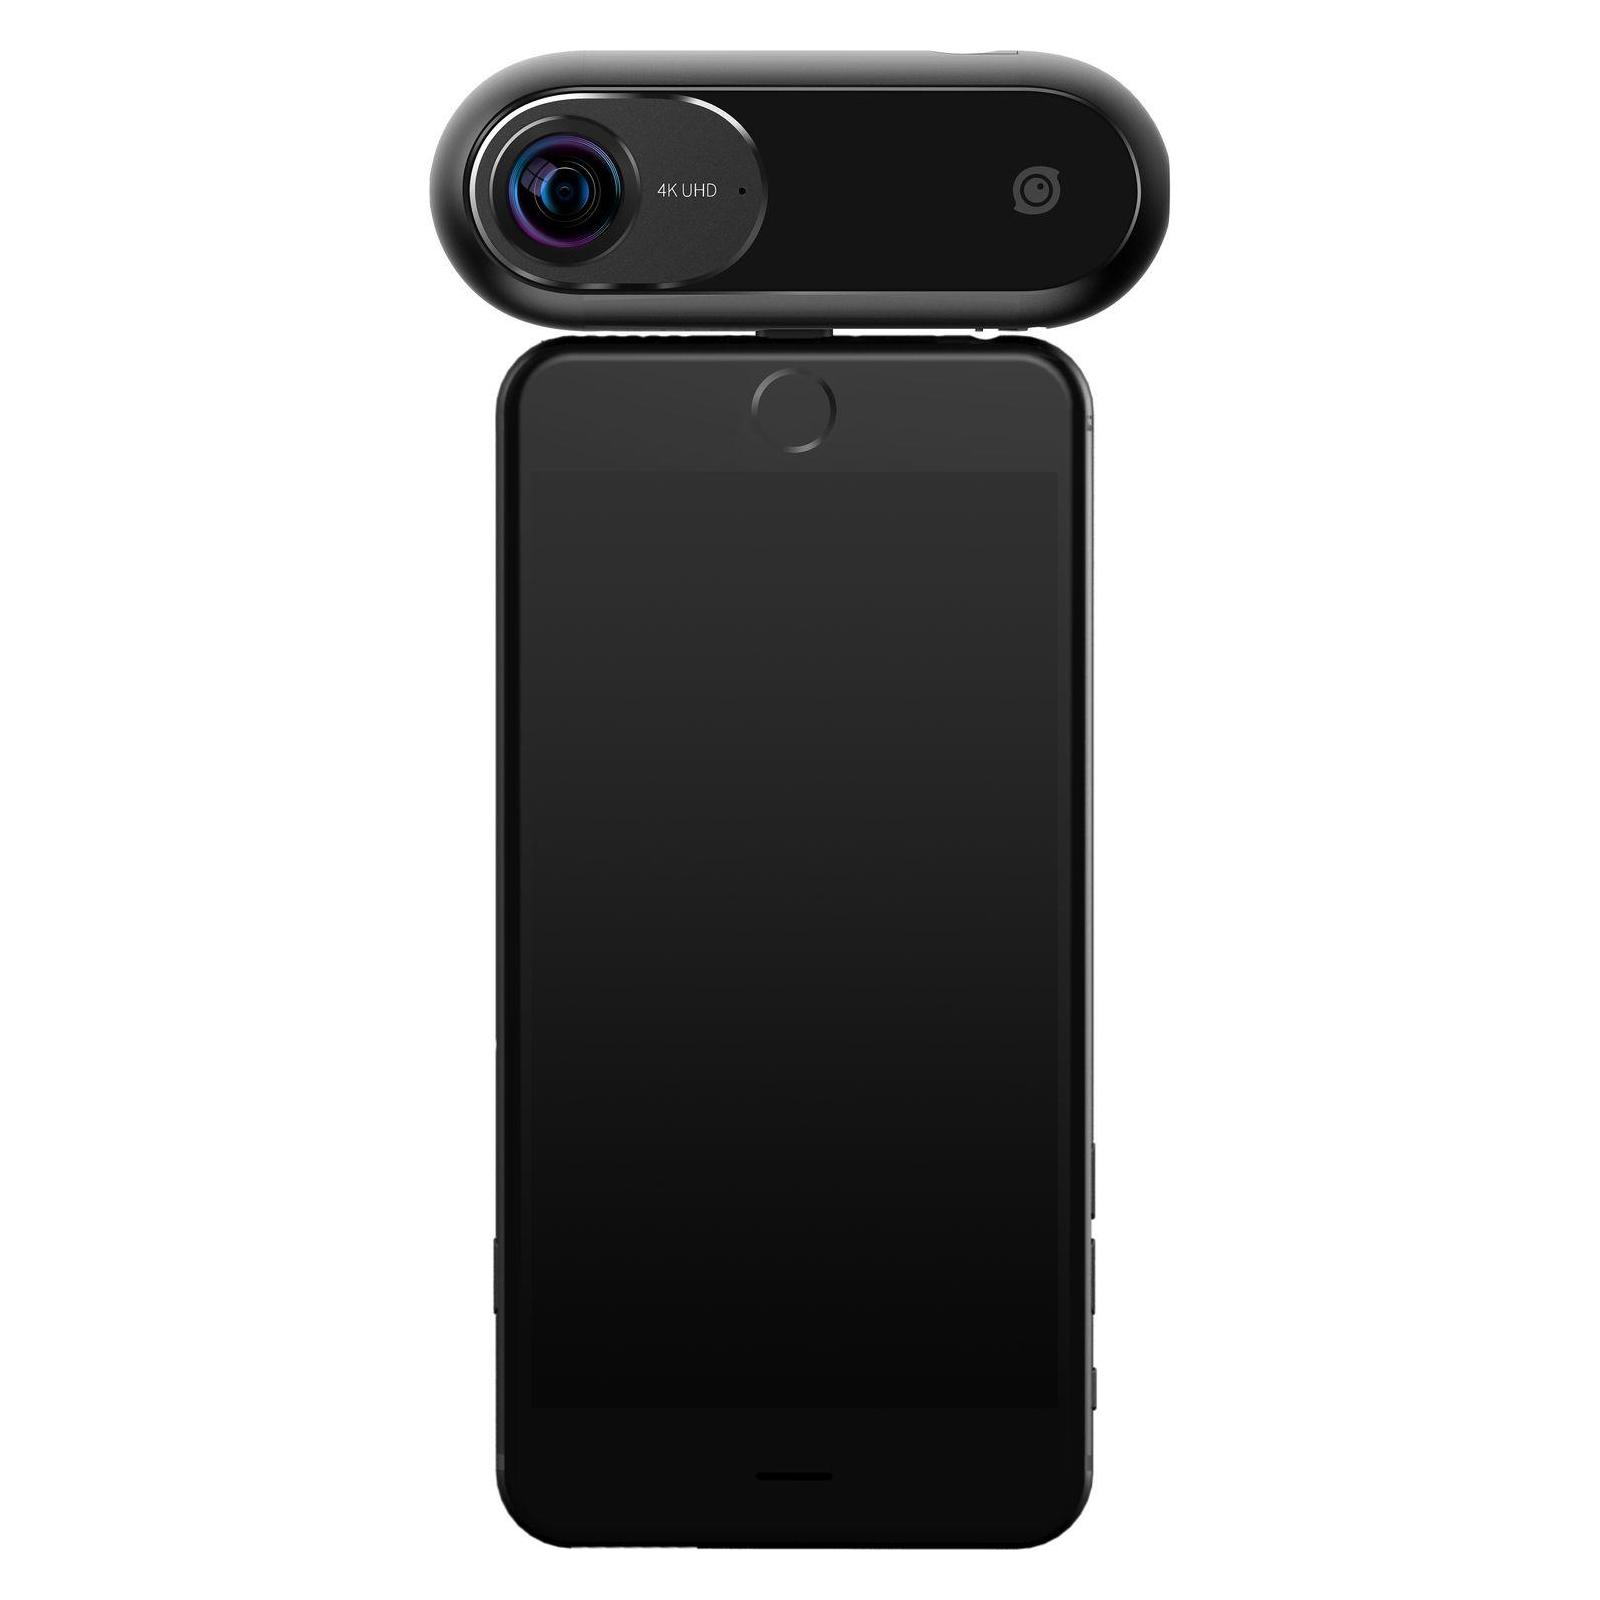 Цифровая видеокамера Insta360 One (305000) изображение 10